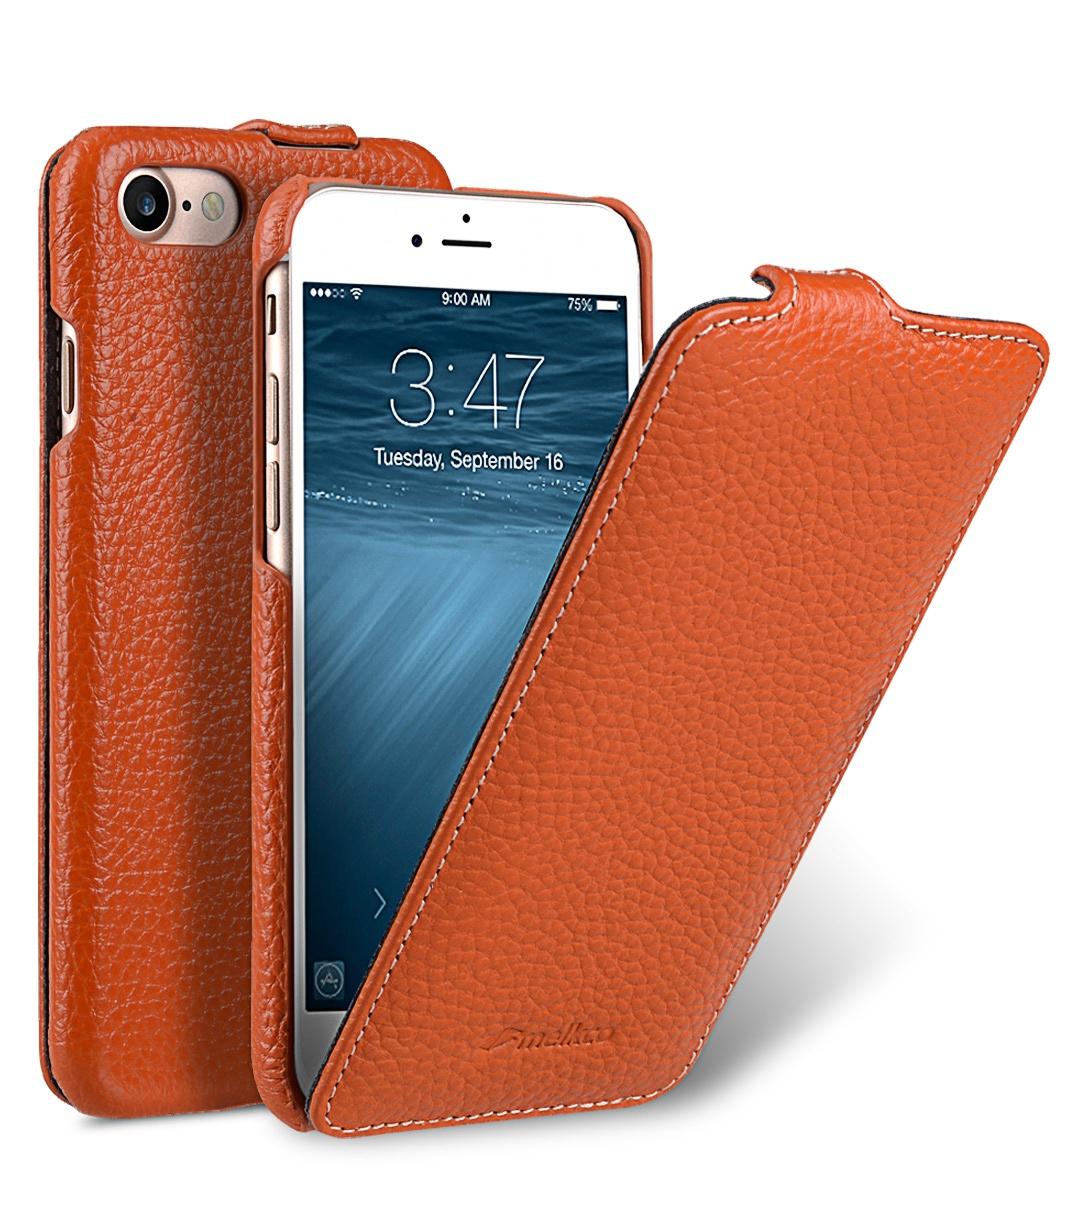 Чехол для сотового телефона Melkco Кожаный чехол флип для Apple iPhone 8/7 - Jacka Type, оранжевый все цены